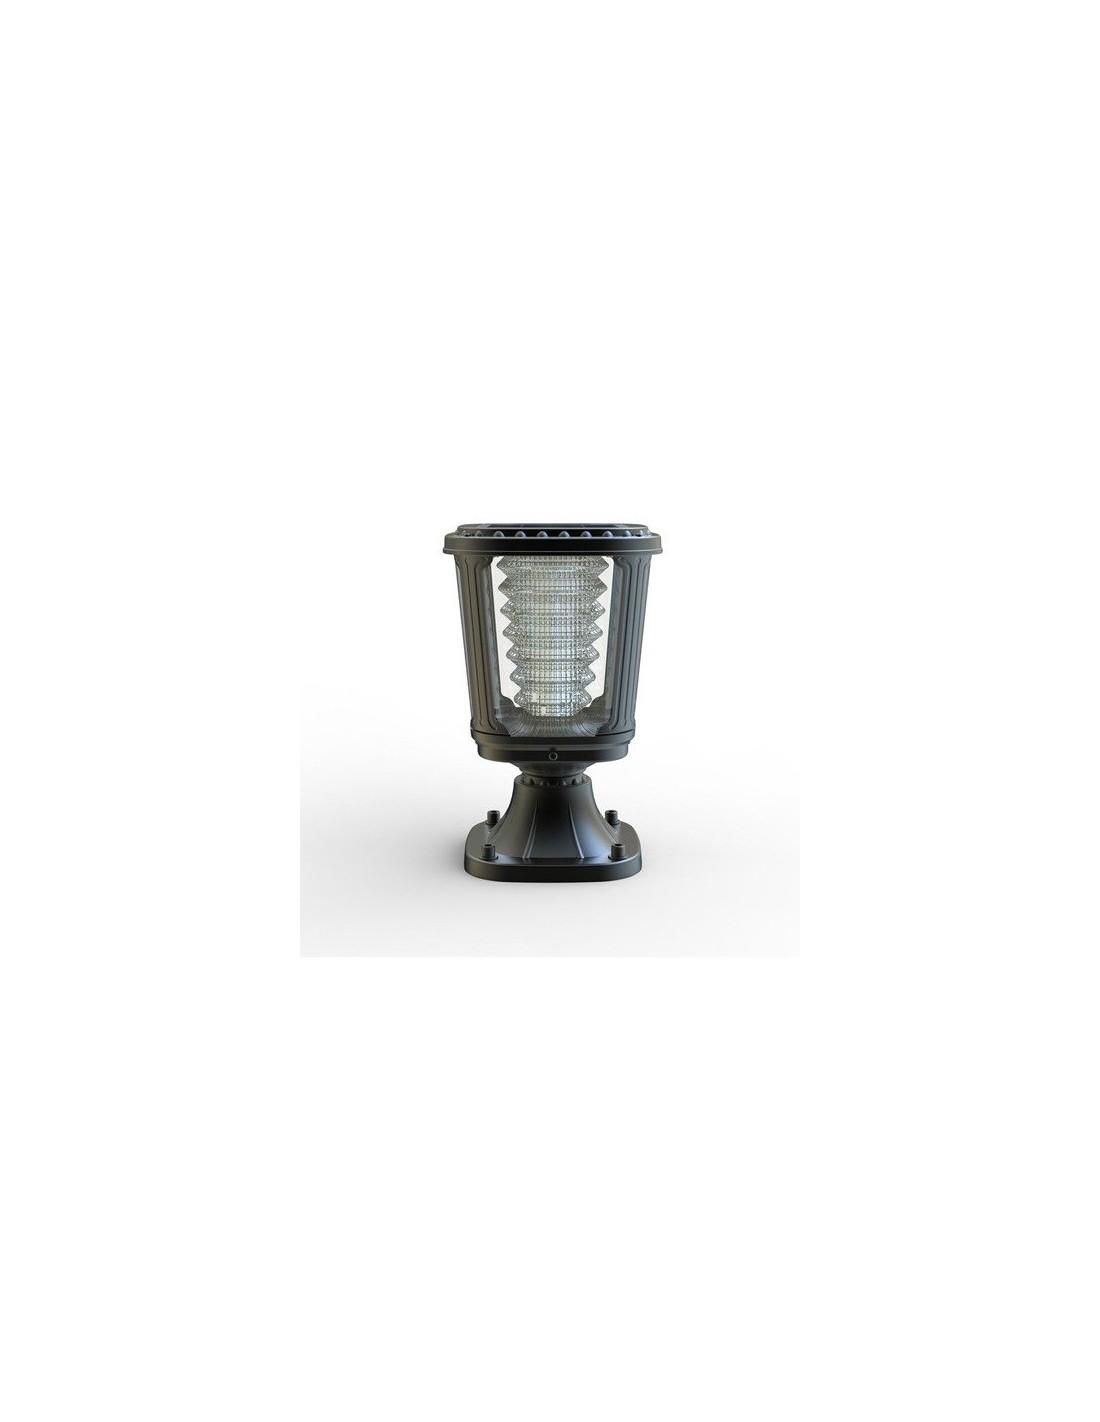 Lampada Con Pannello Solare Per Esterno : Lampade con pannello solare design per la casa idee